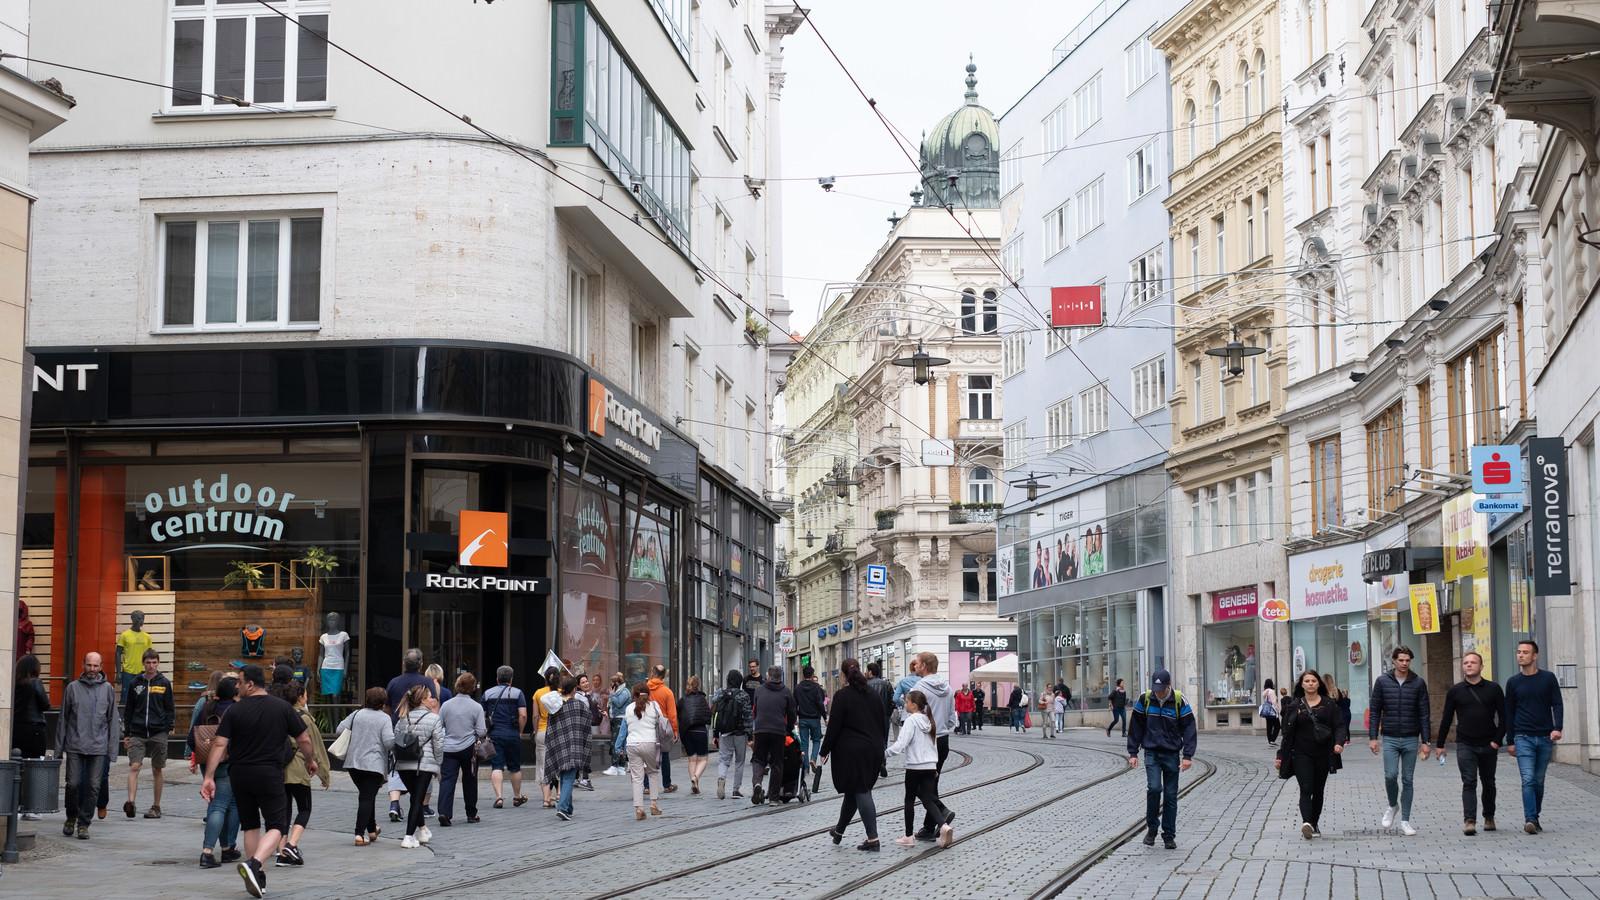 「ブルノ市の街並みと人混み(チェコ共和国)」の写真